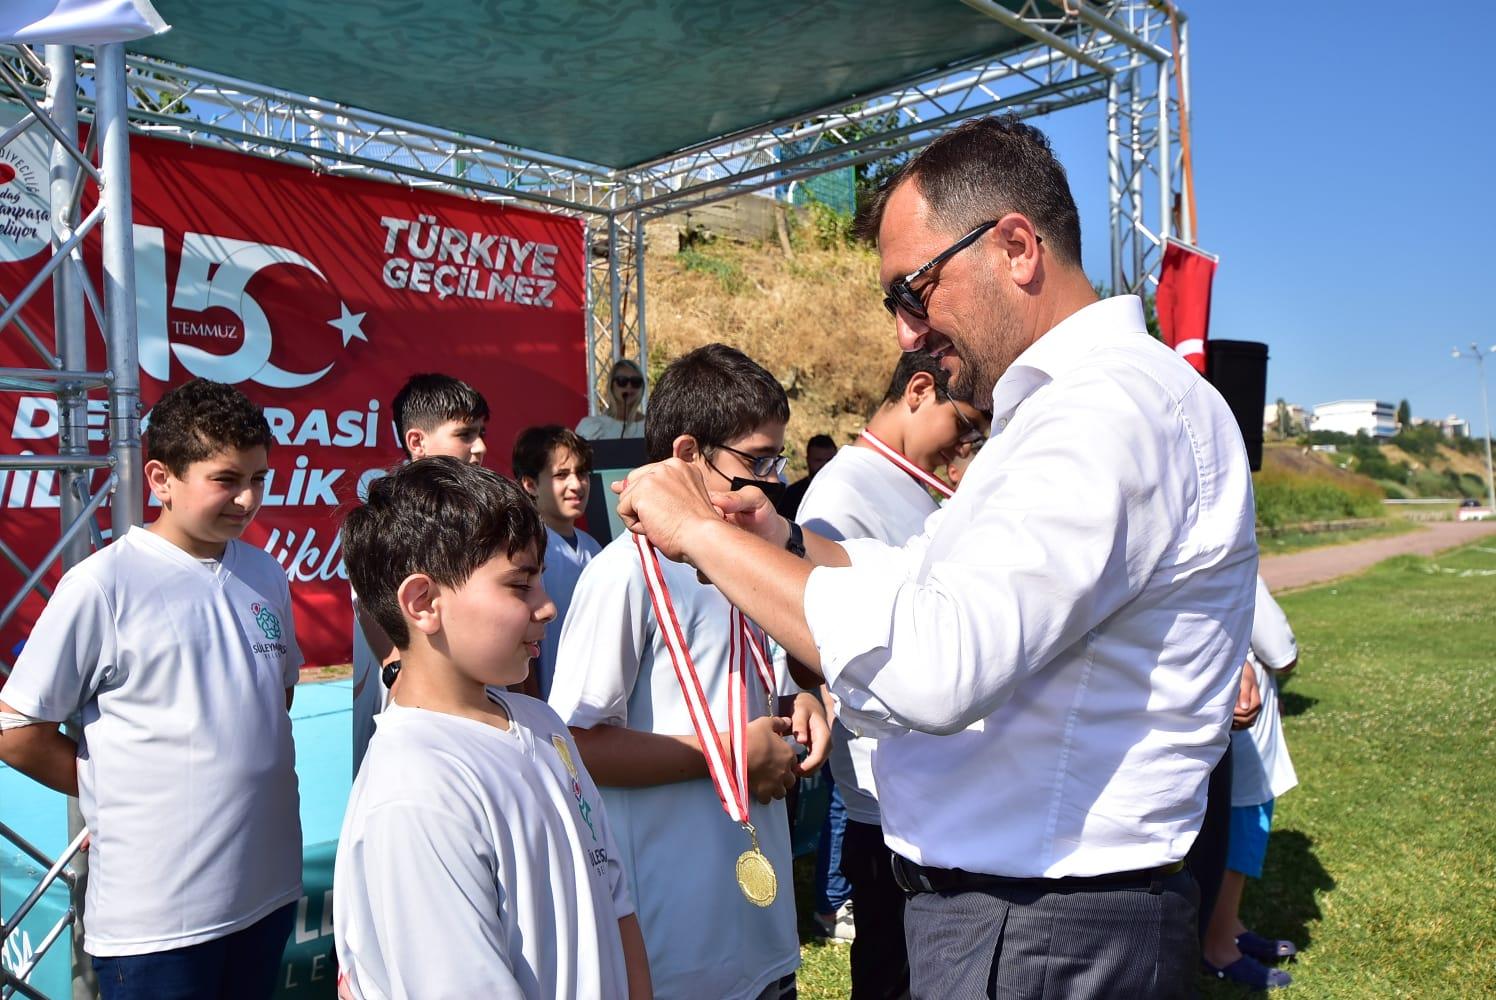 15 Temmuz Süleymanpaşa'da çeşitli etkinliklerle anıldı